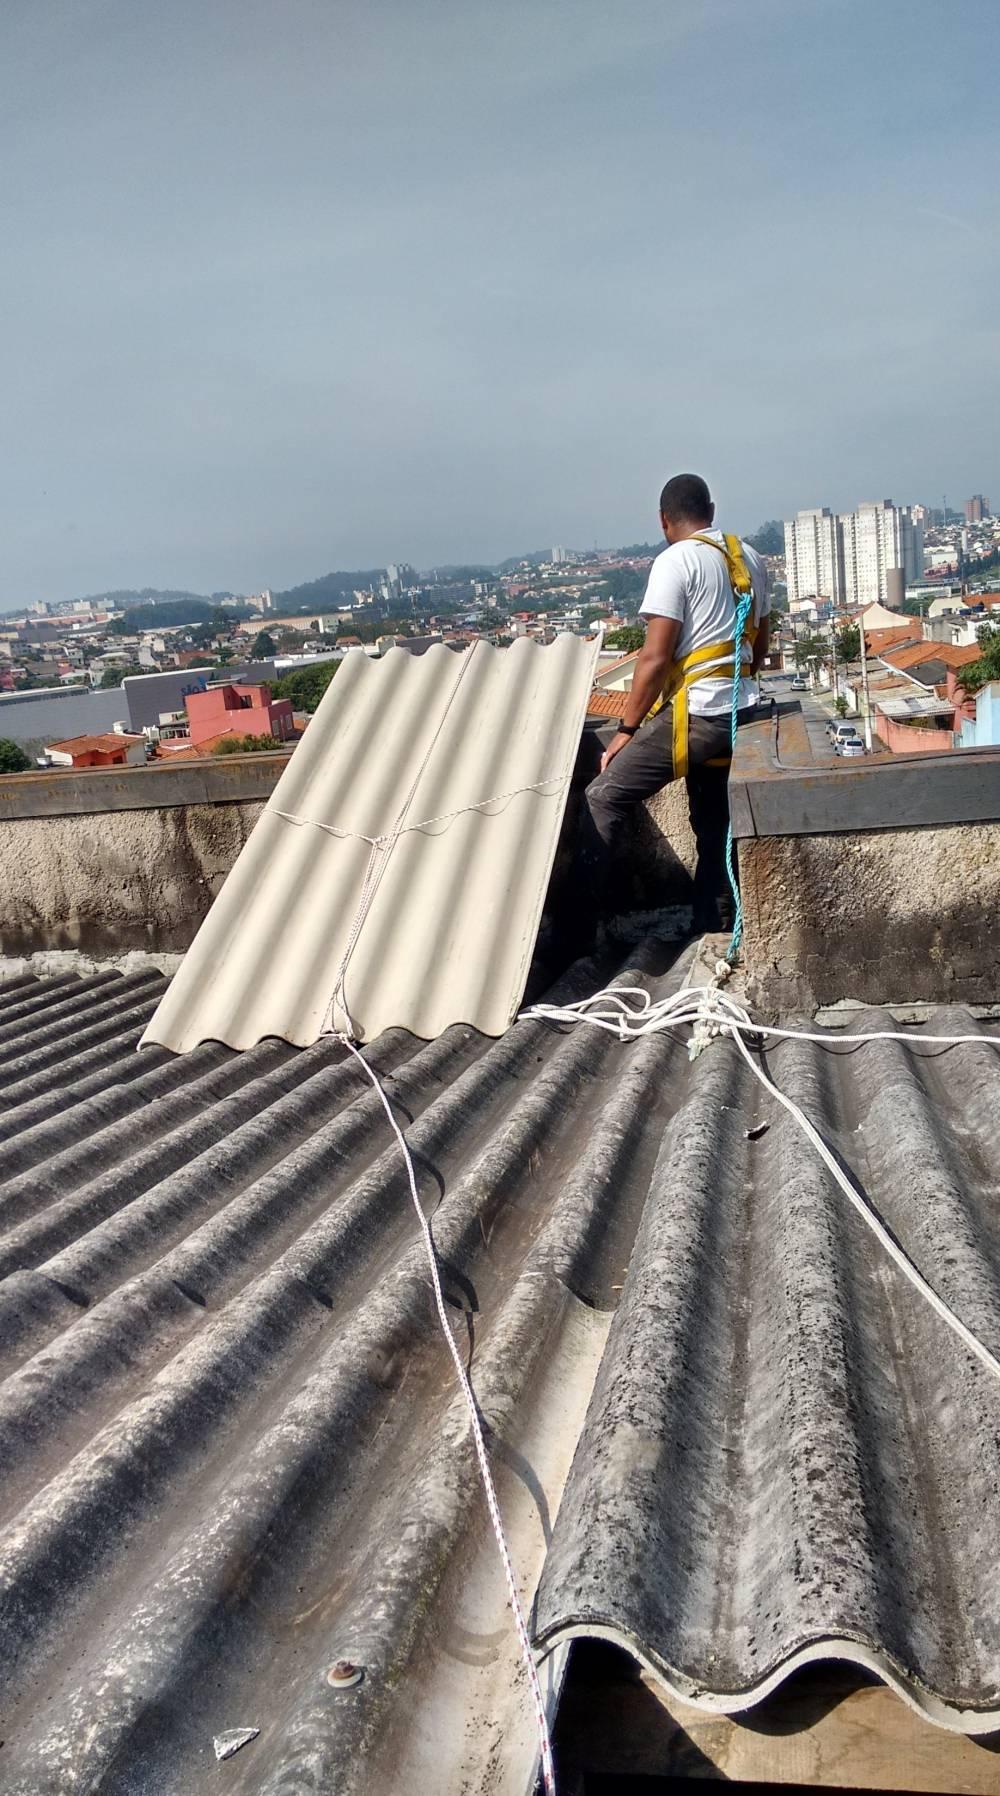 Manutenção Hidráulica Residencial Quanto Custa na Prosperidade - Manutenção Hidráulica em São Paulo